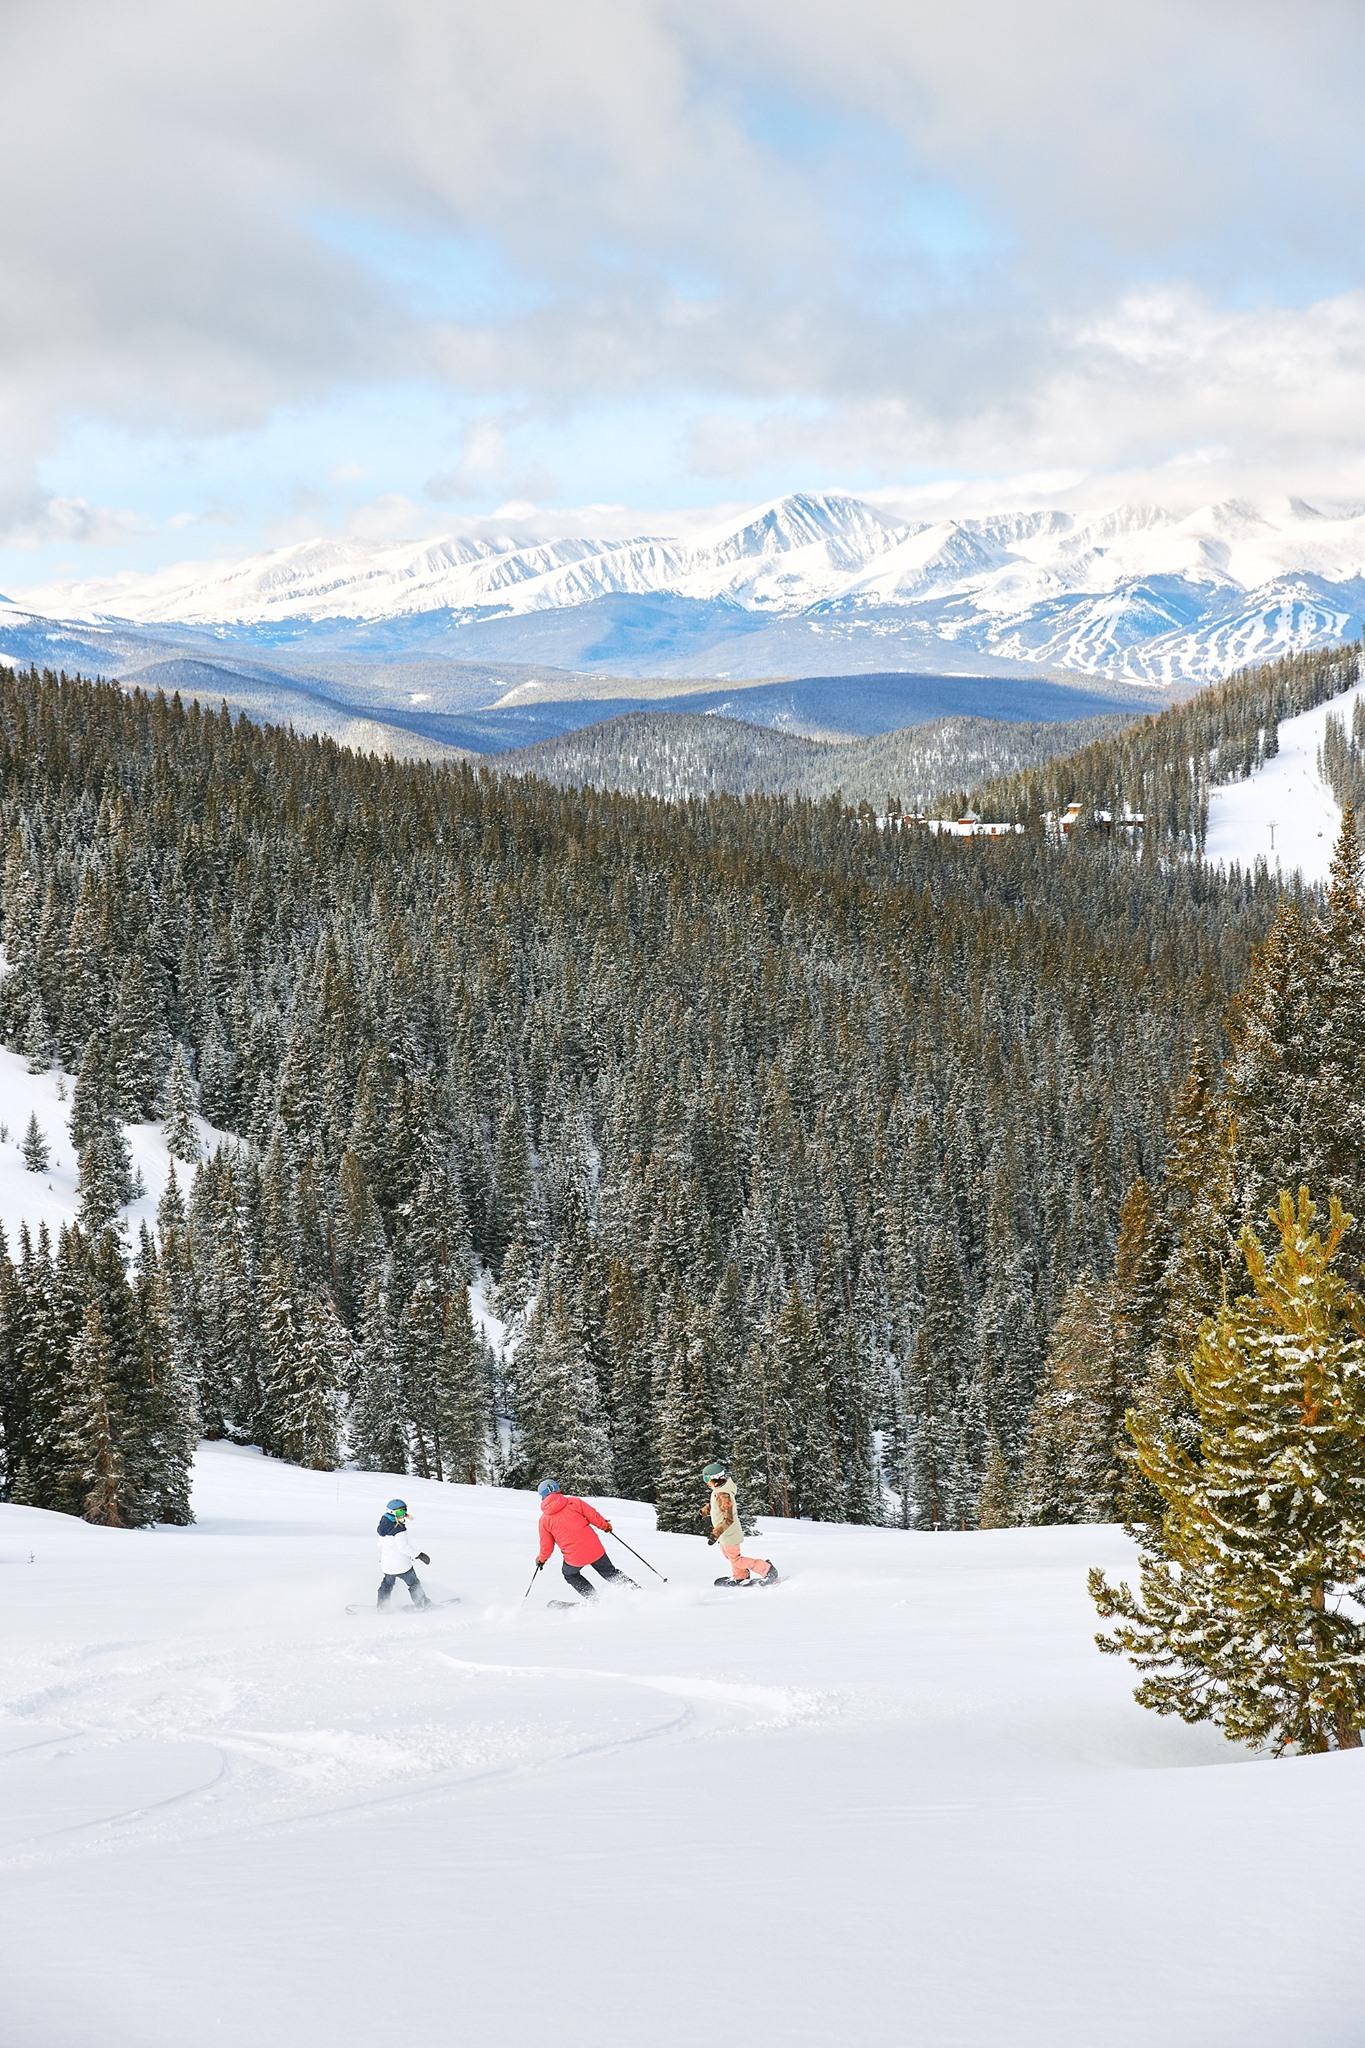 image of keystone ski resort